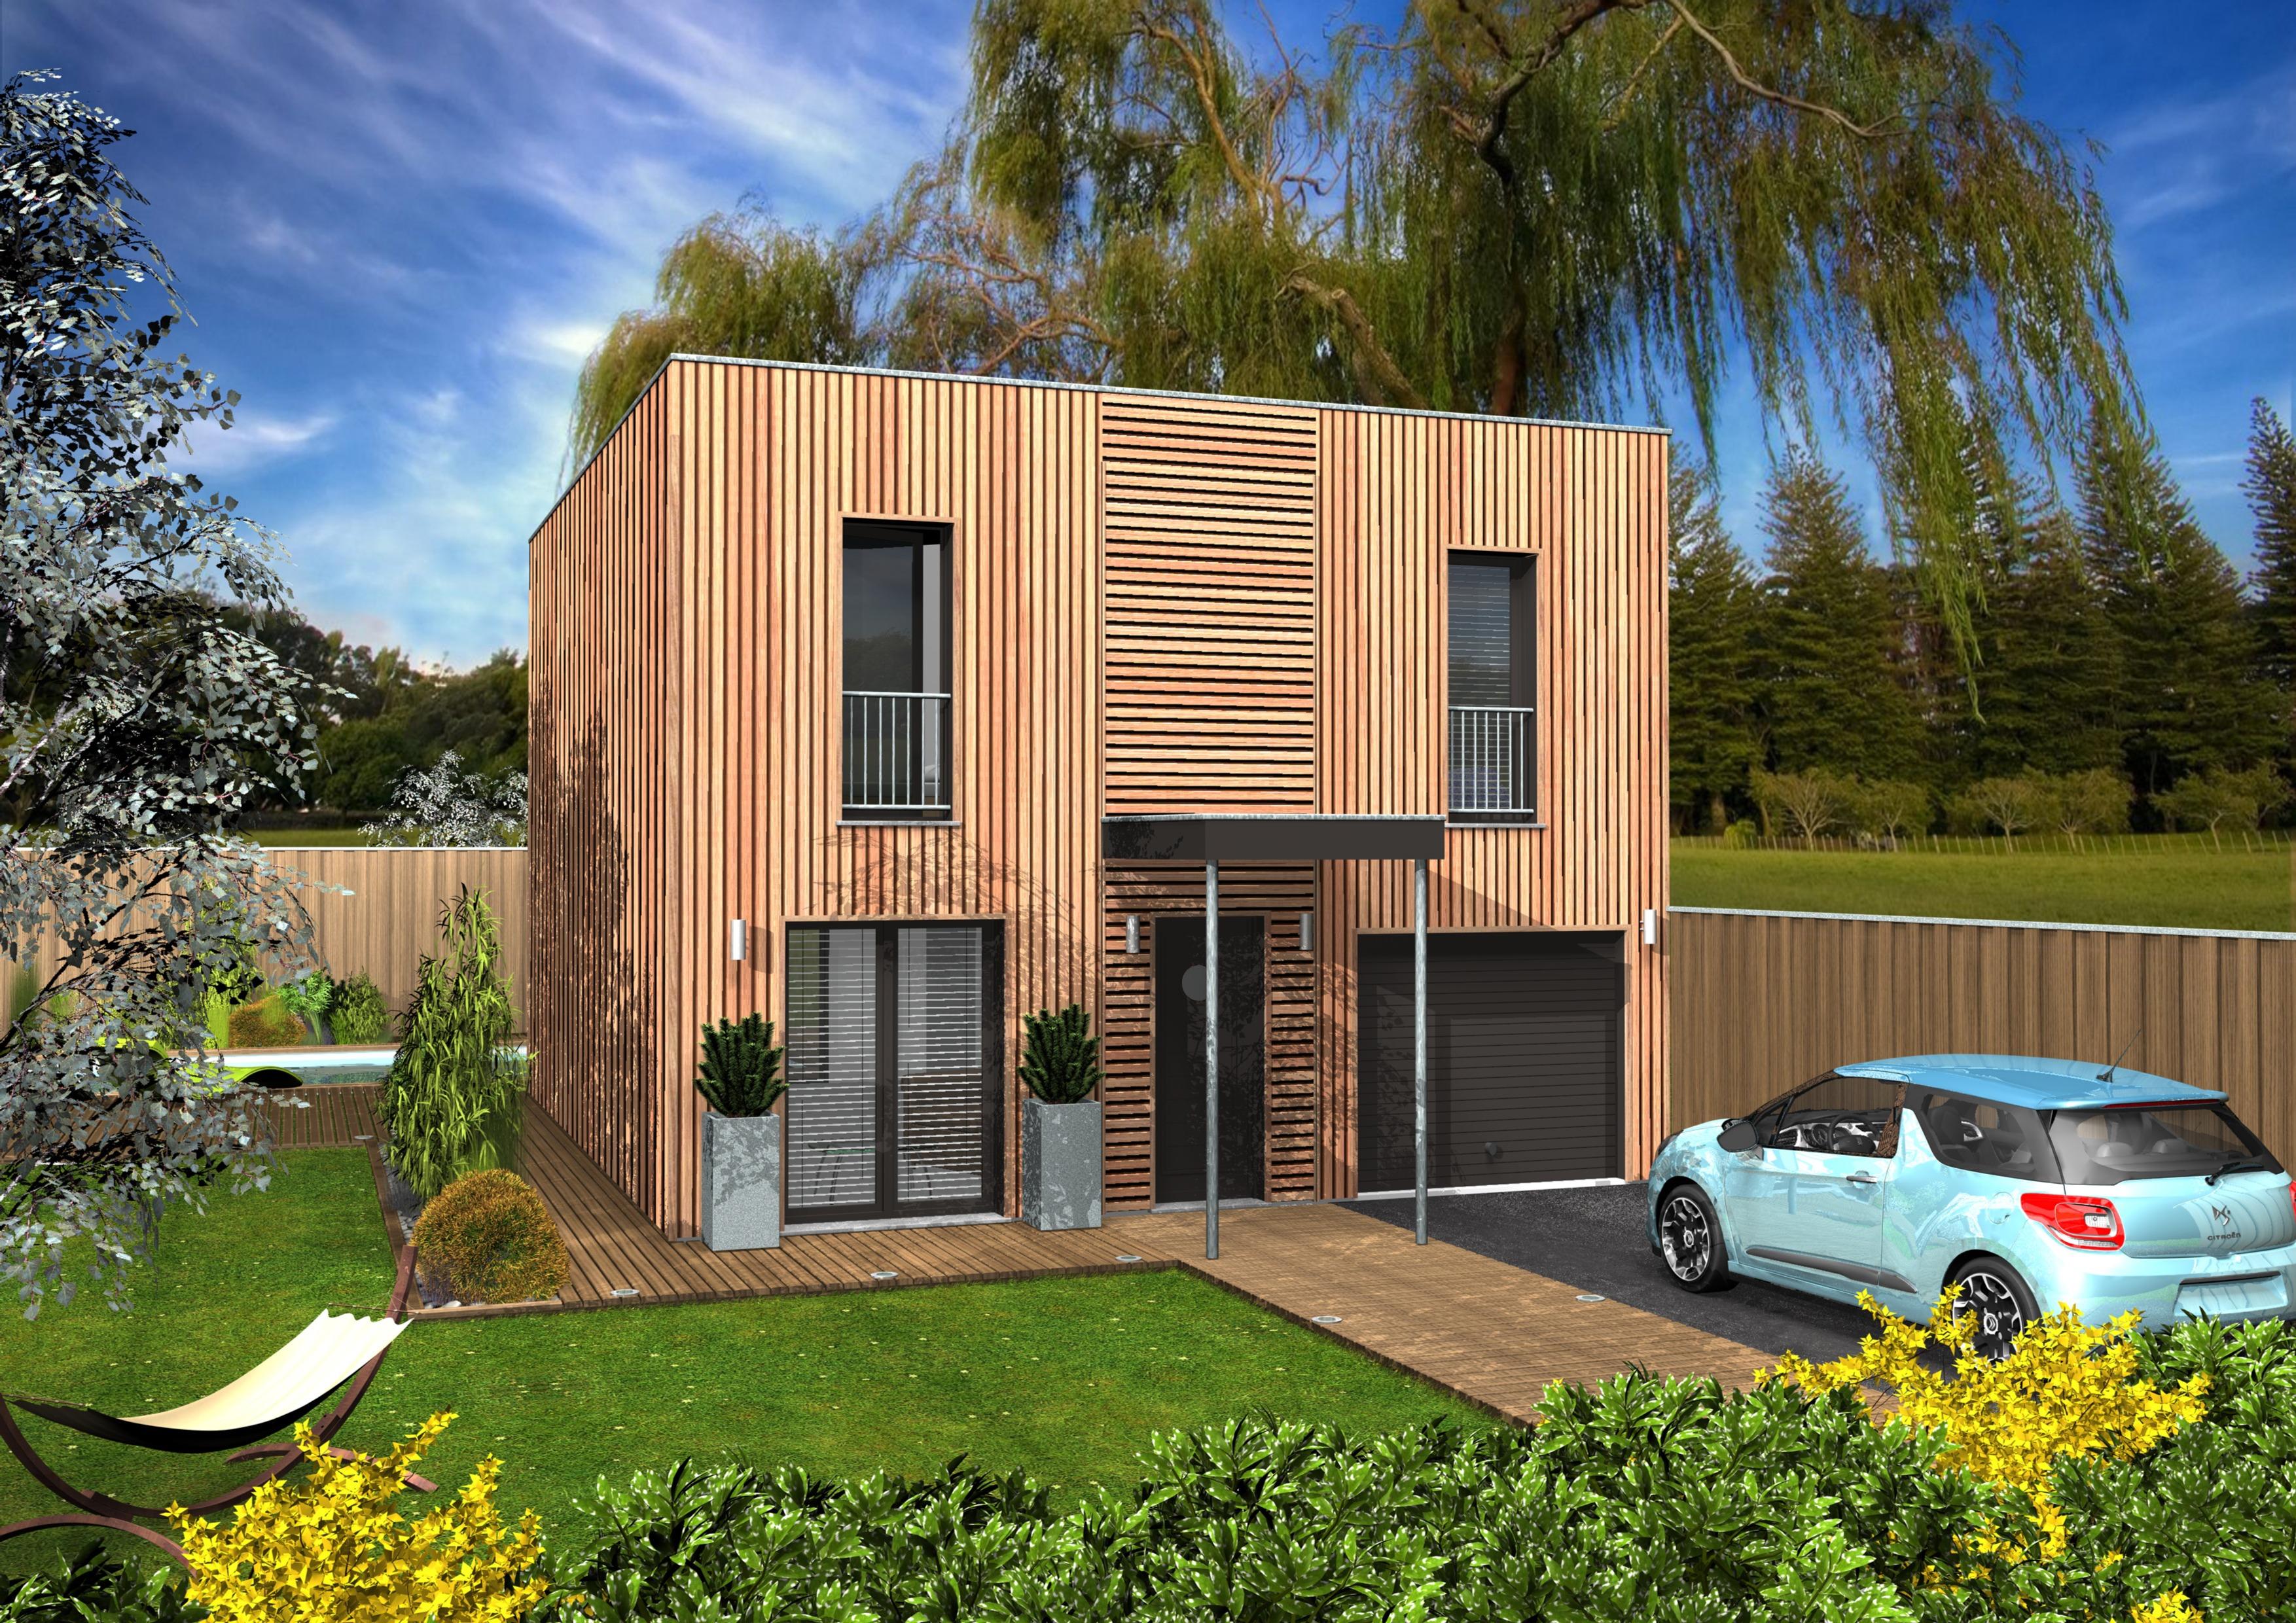 Clairlande bois constructeur maison gironde 33 for Maison toit plat bois